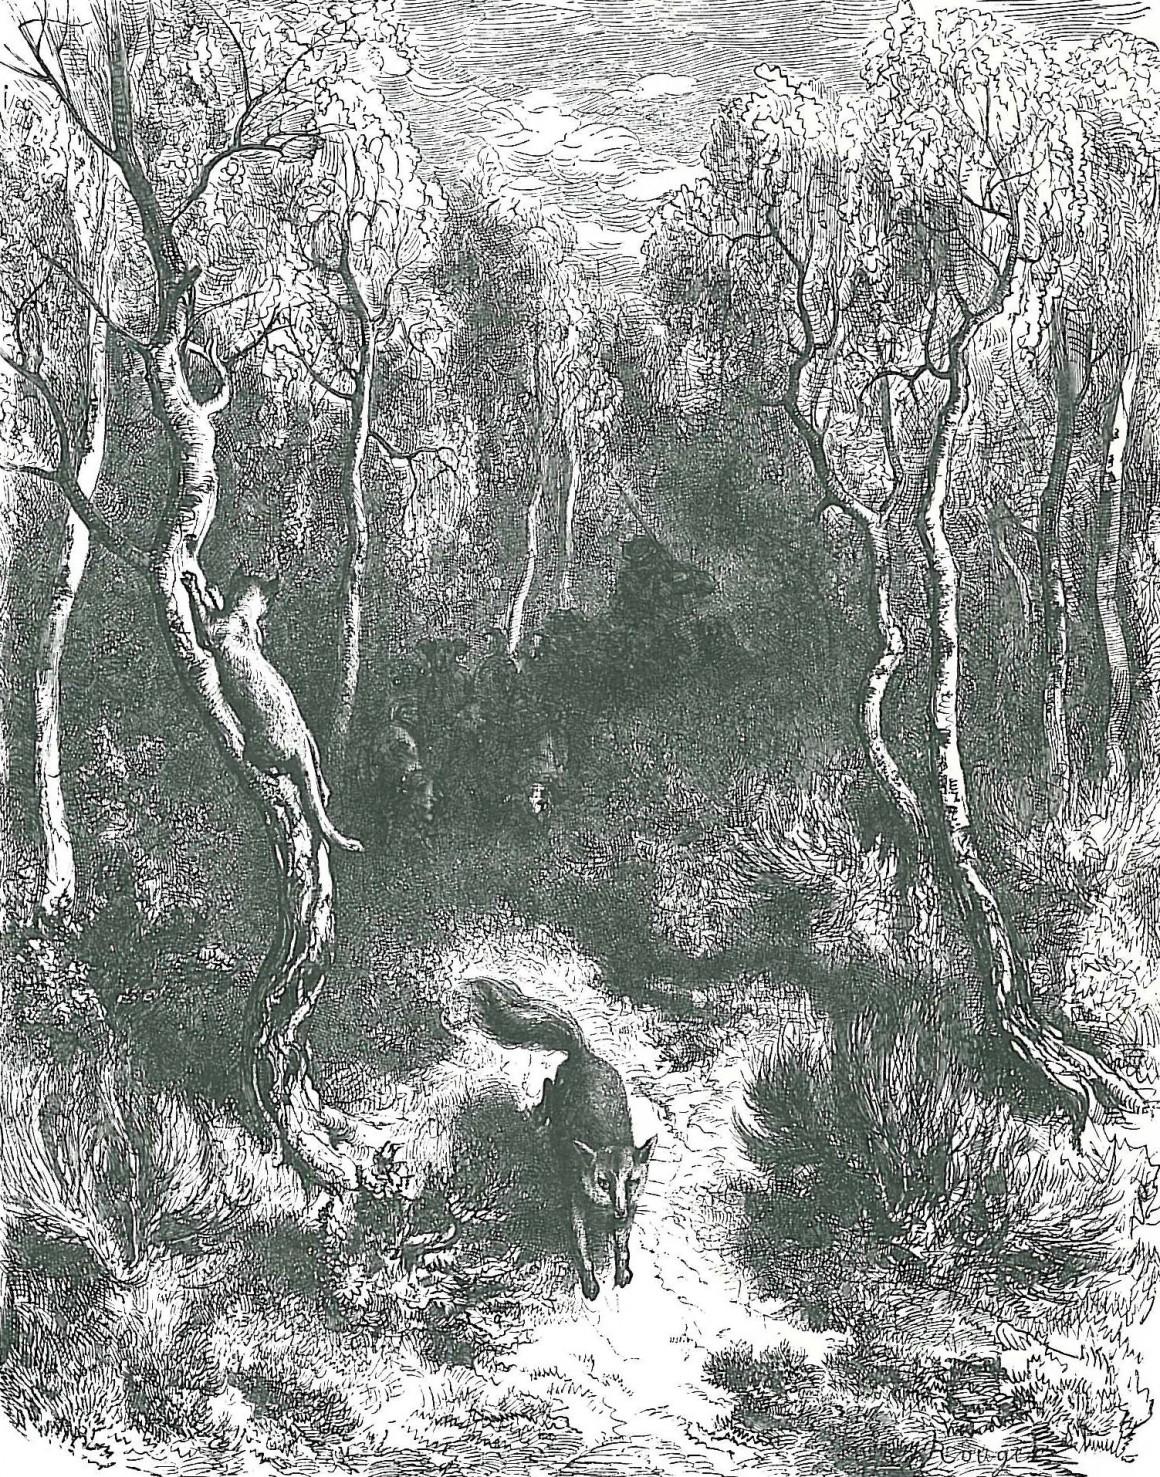 Le renard et le chat, un conte de Grimm